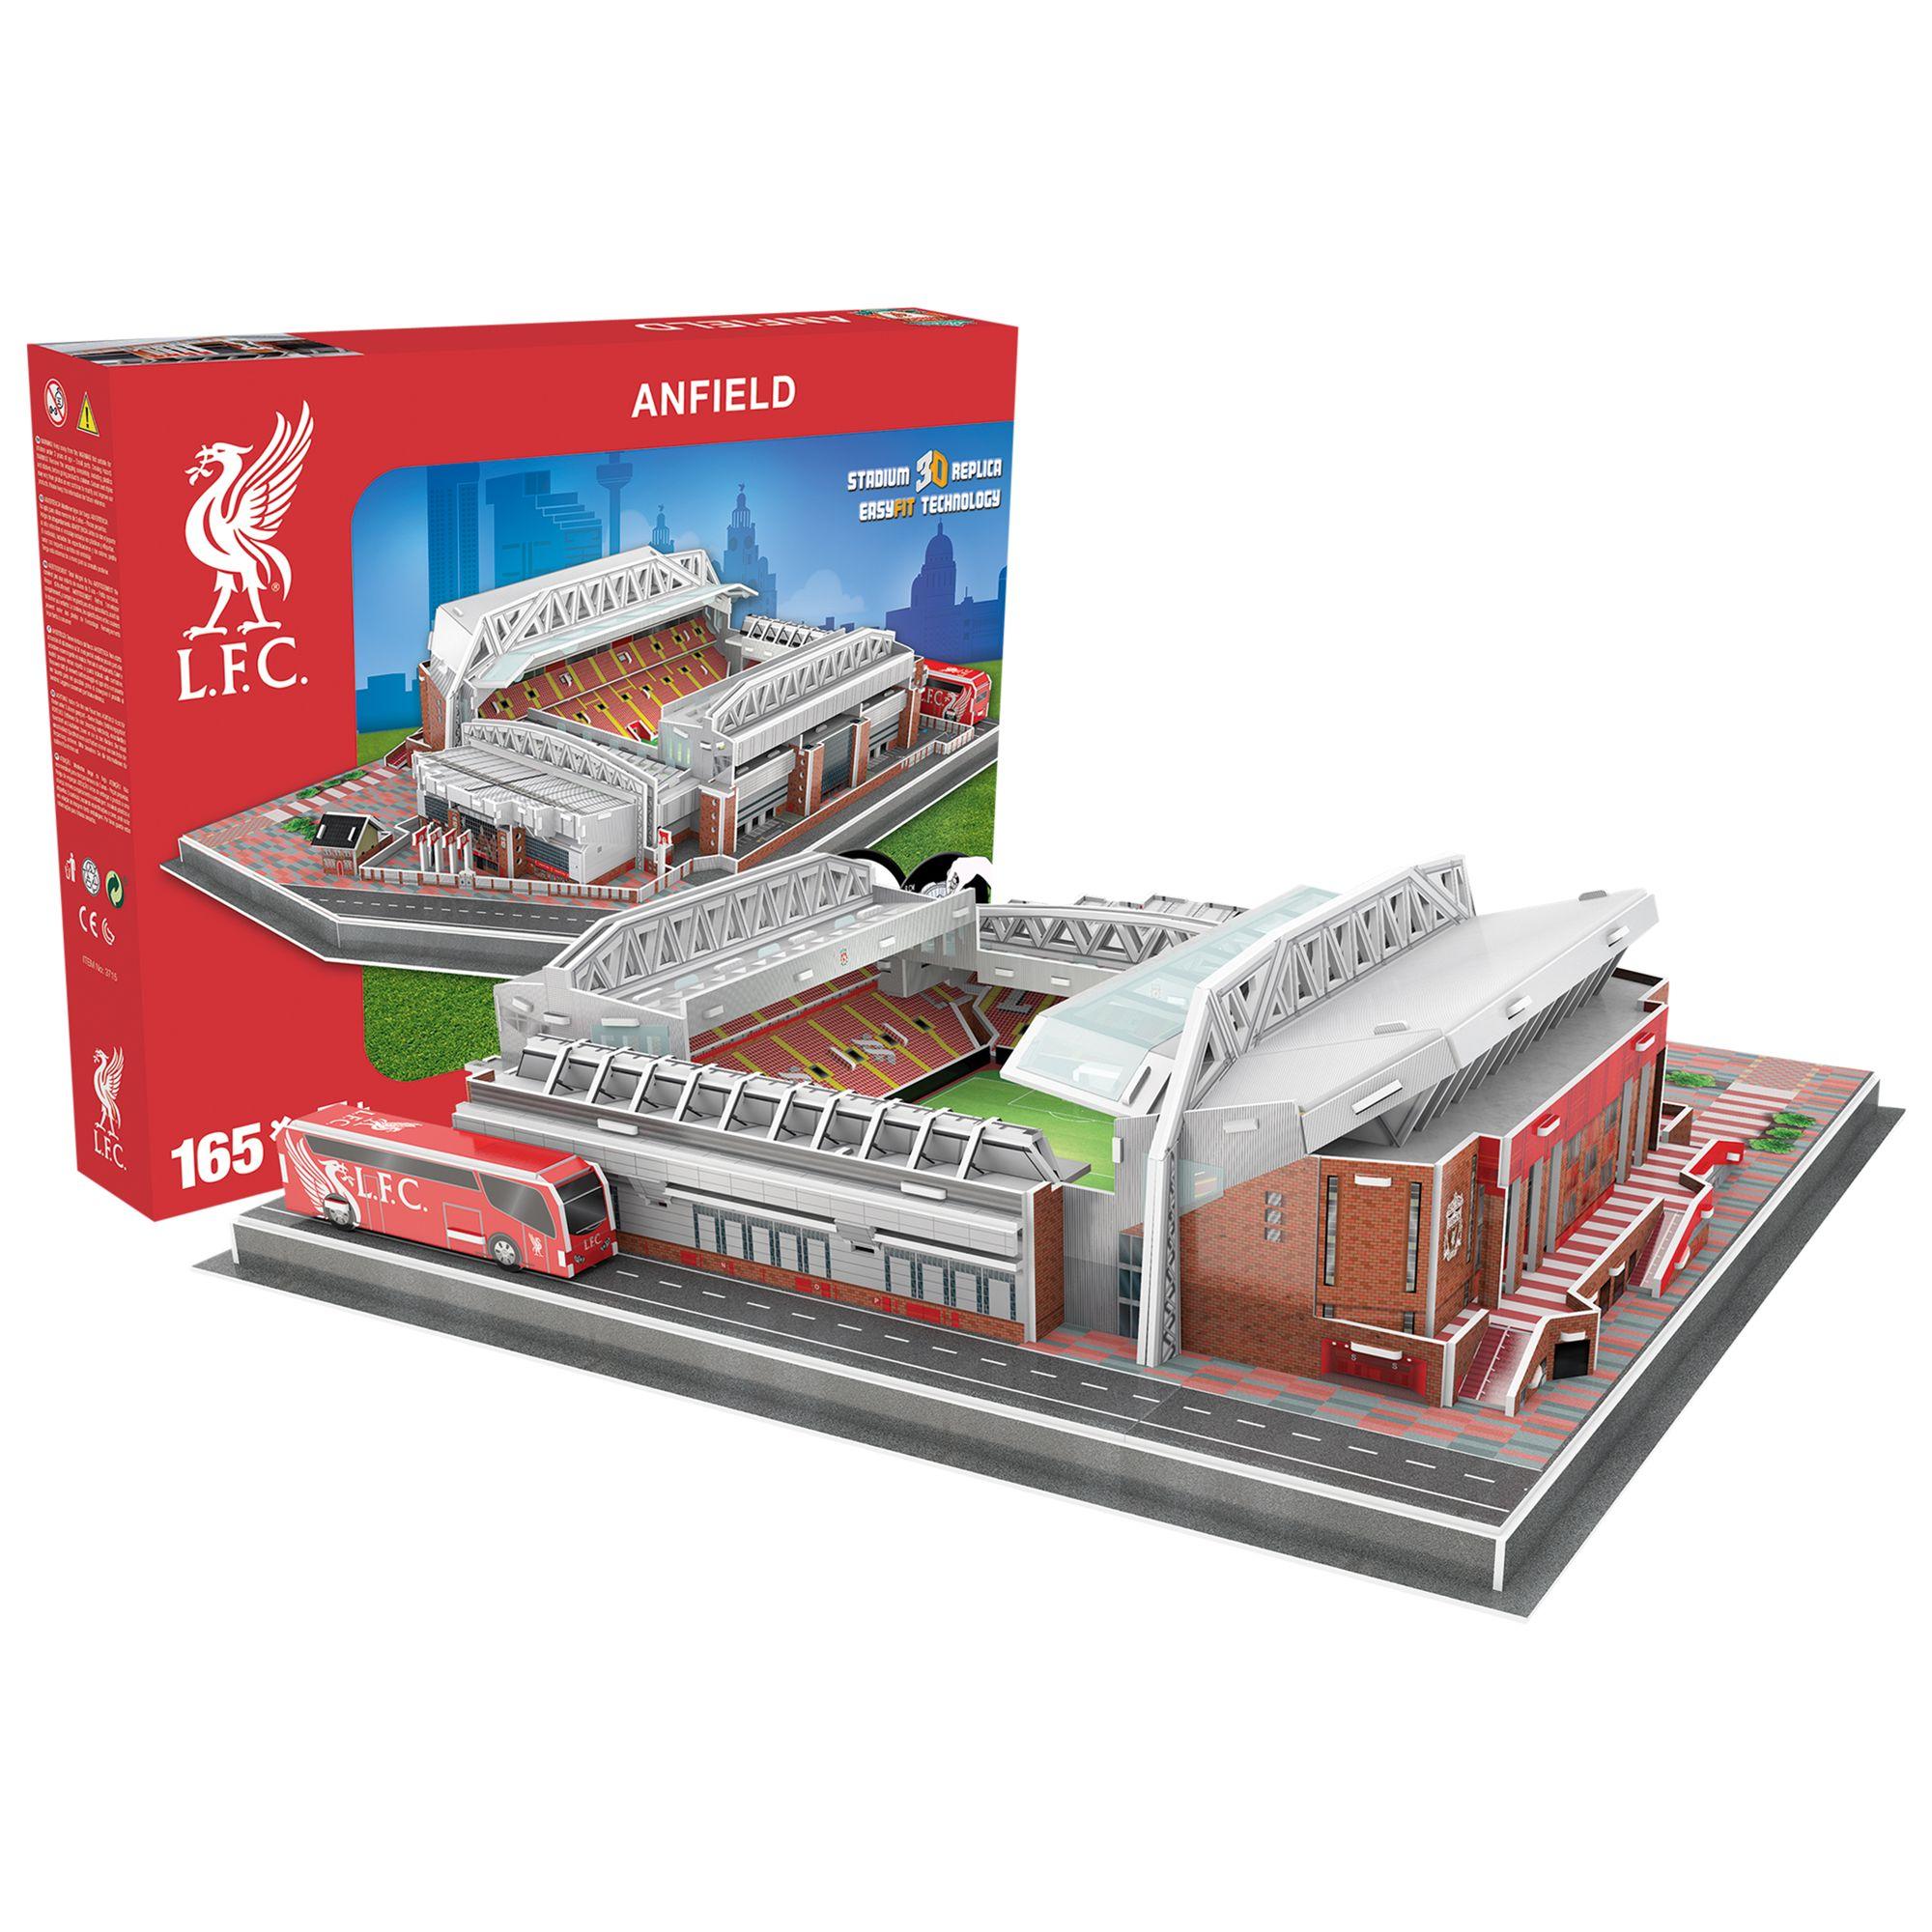 Liverpool Football Club Liverpool Football Club Stadium Puzzle